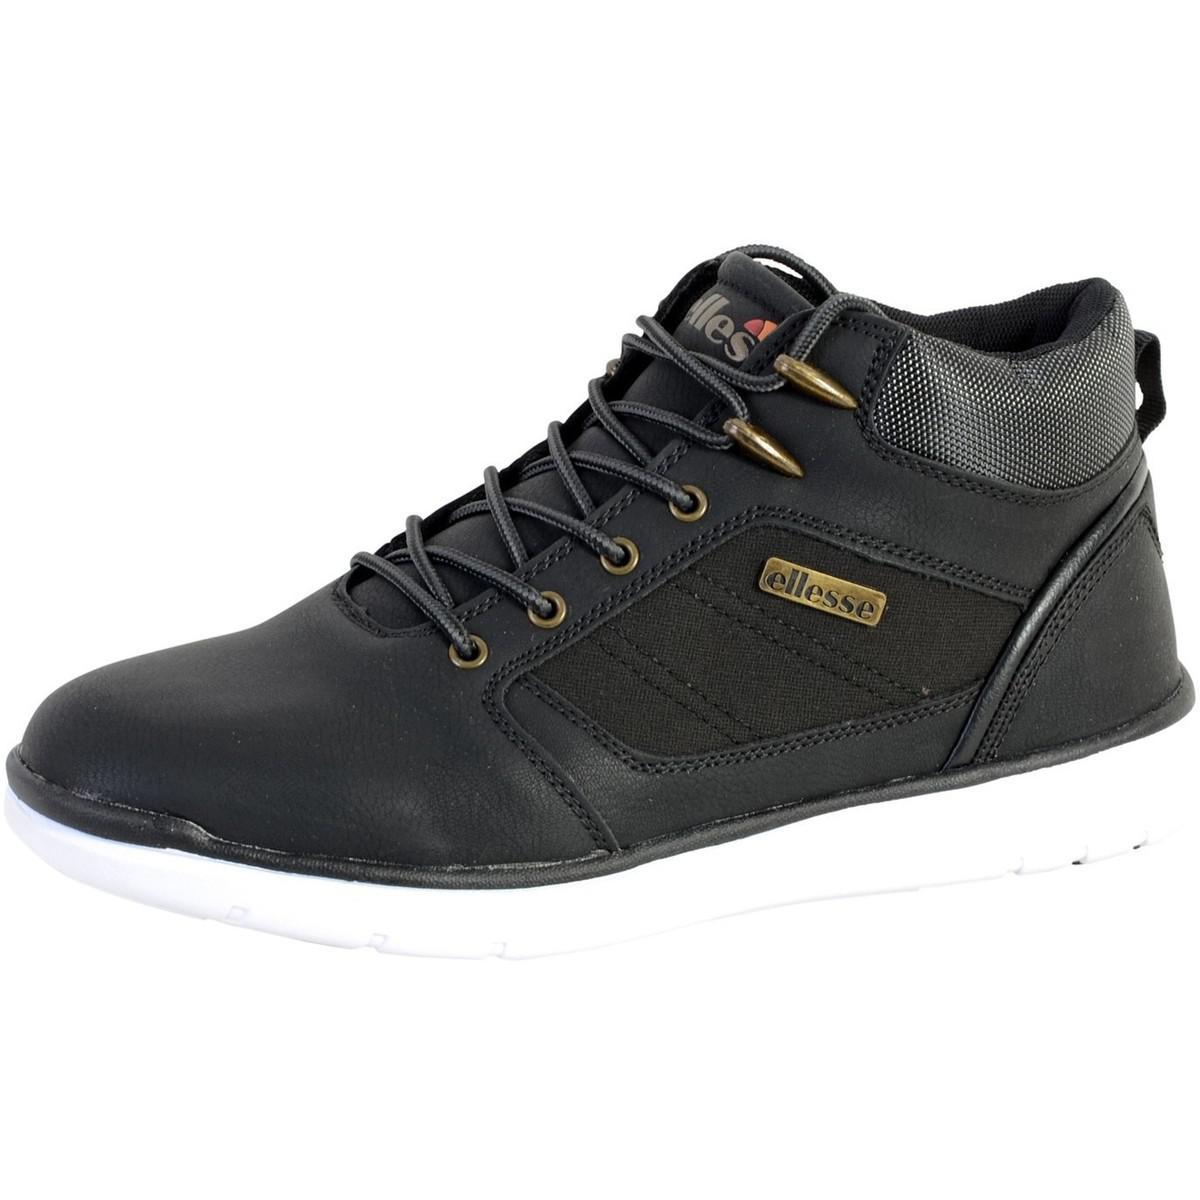 En Pour Lyst Basket Chaussures Hommes Montante Hugo Noir Ellesse rqwXq84